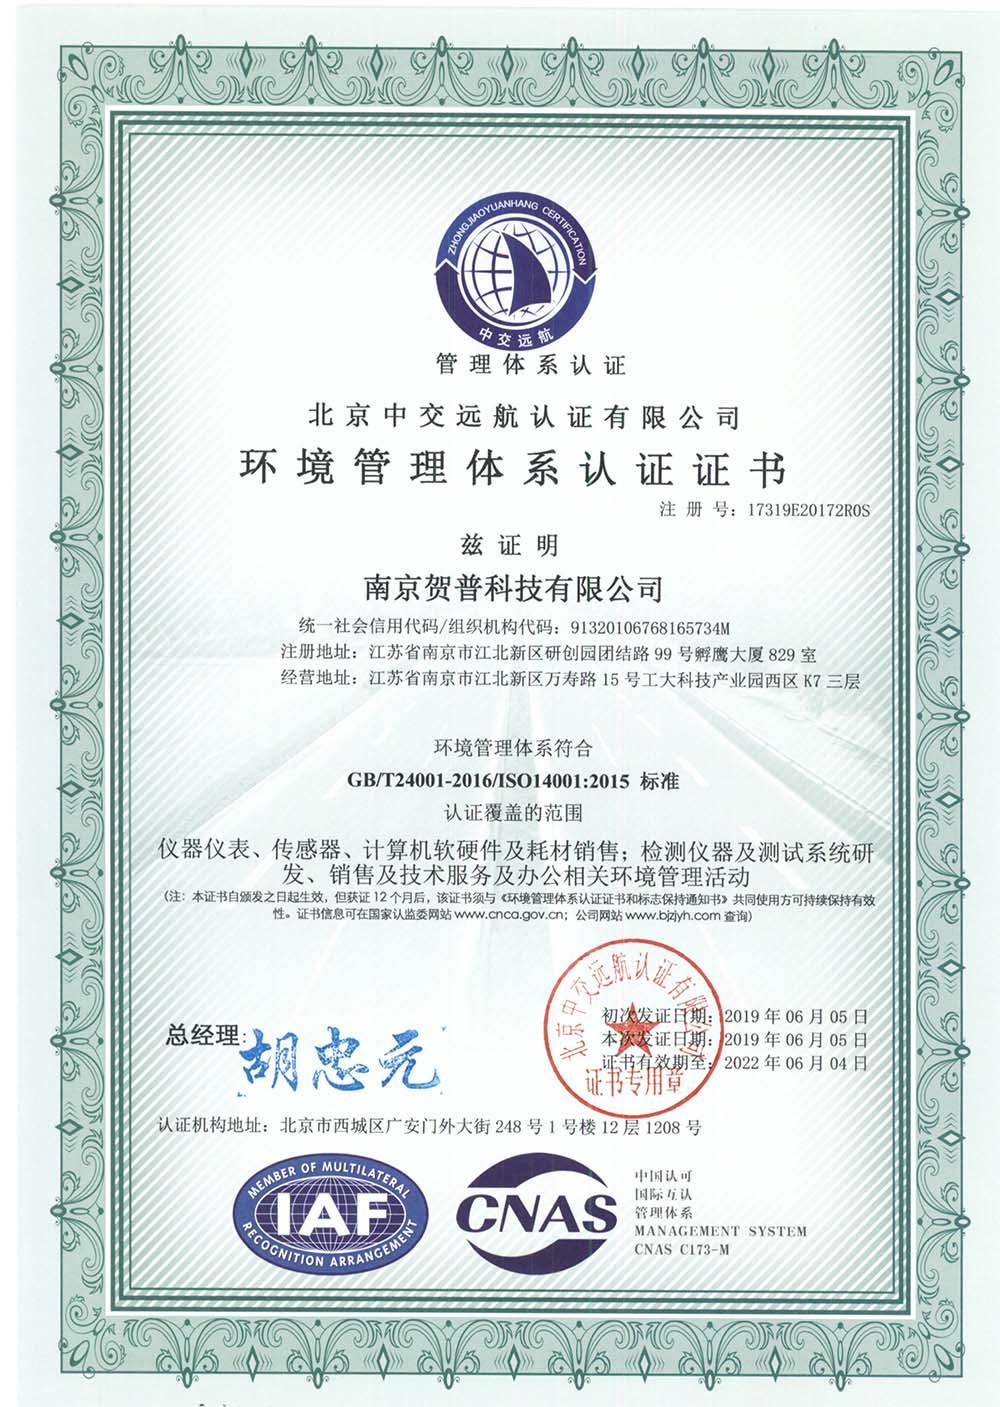 热烈祝贺我司通过ISO9001质量管理体系、ISO14001环境管理体系评审,获得证书!